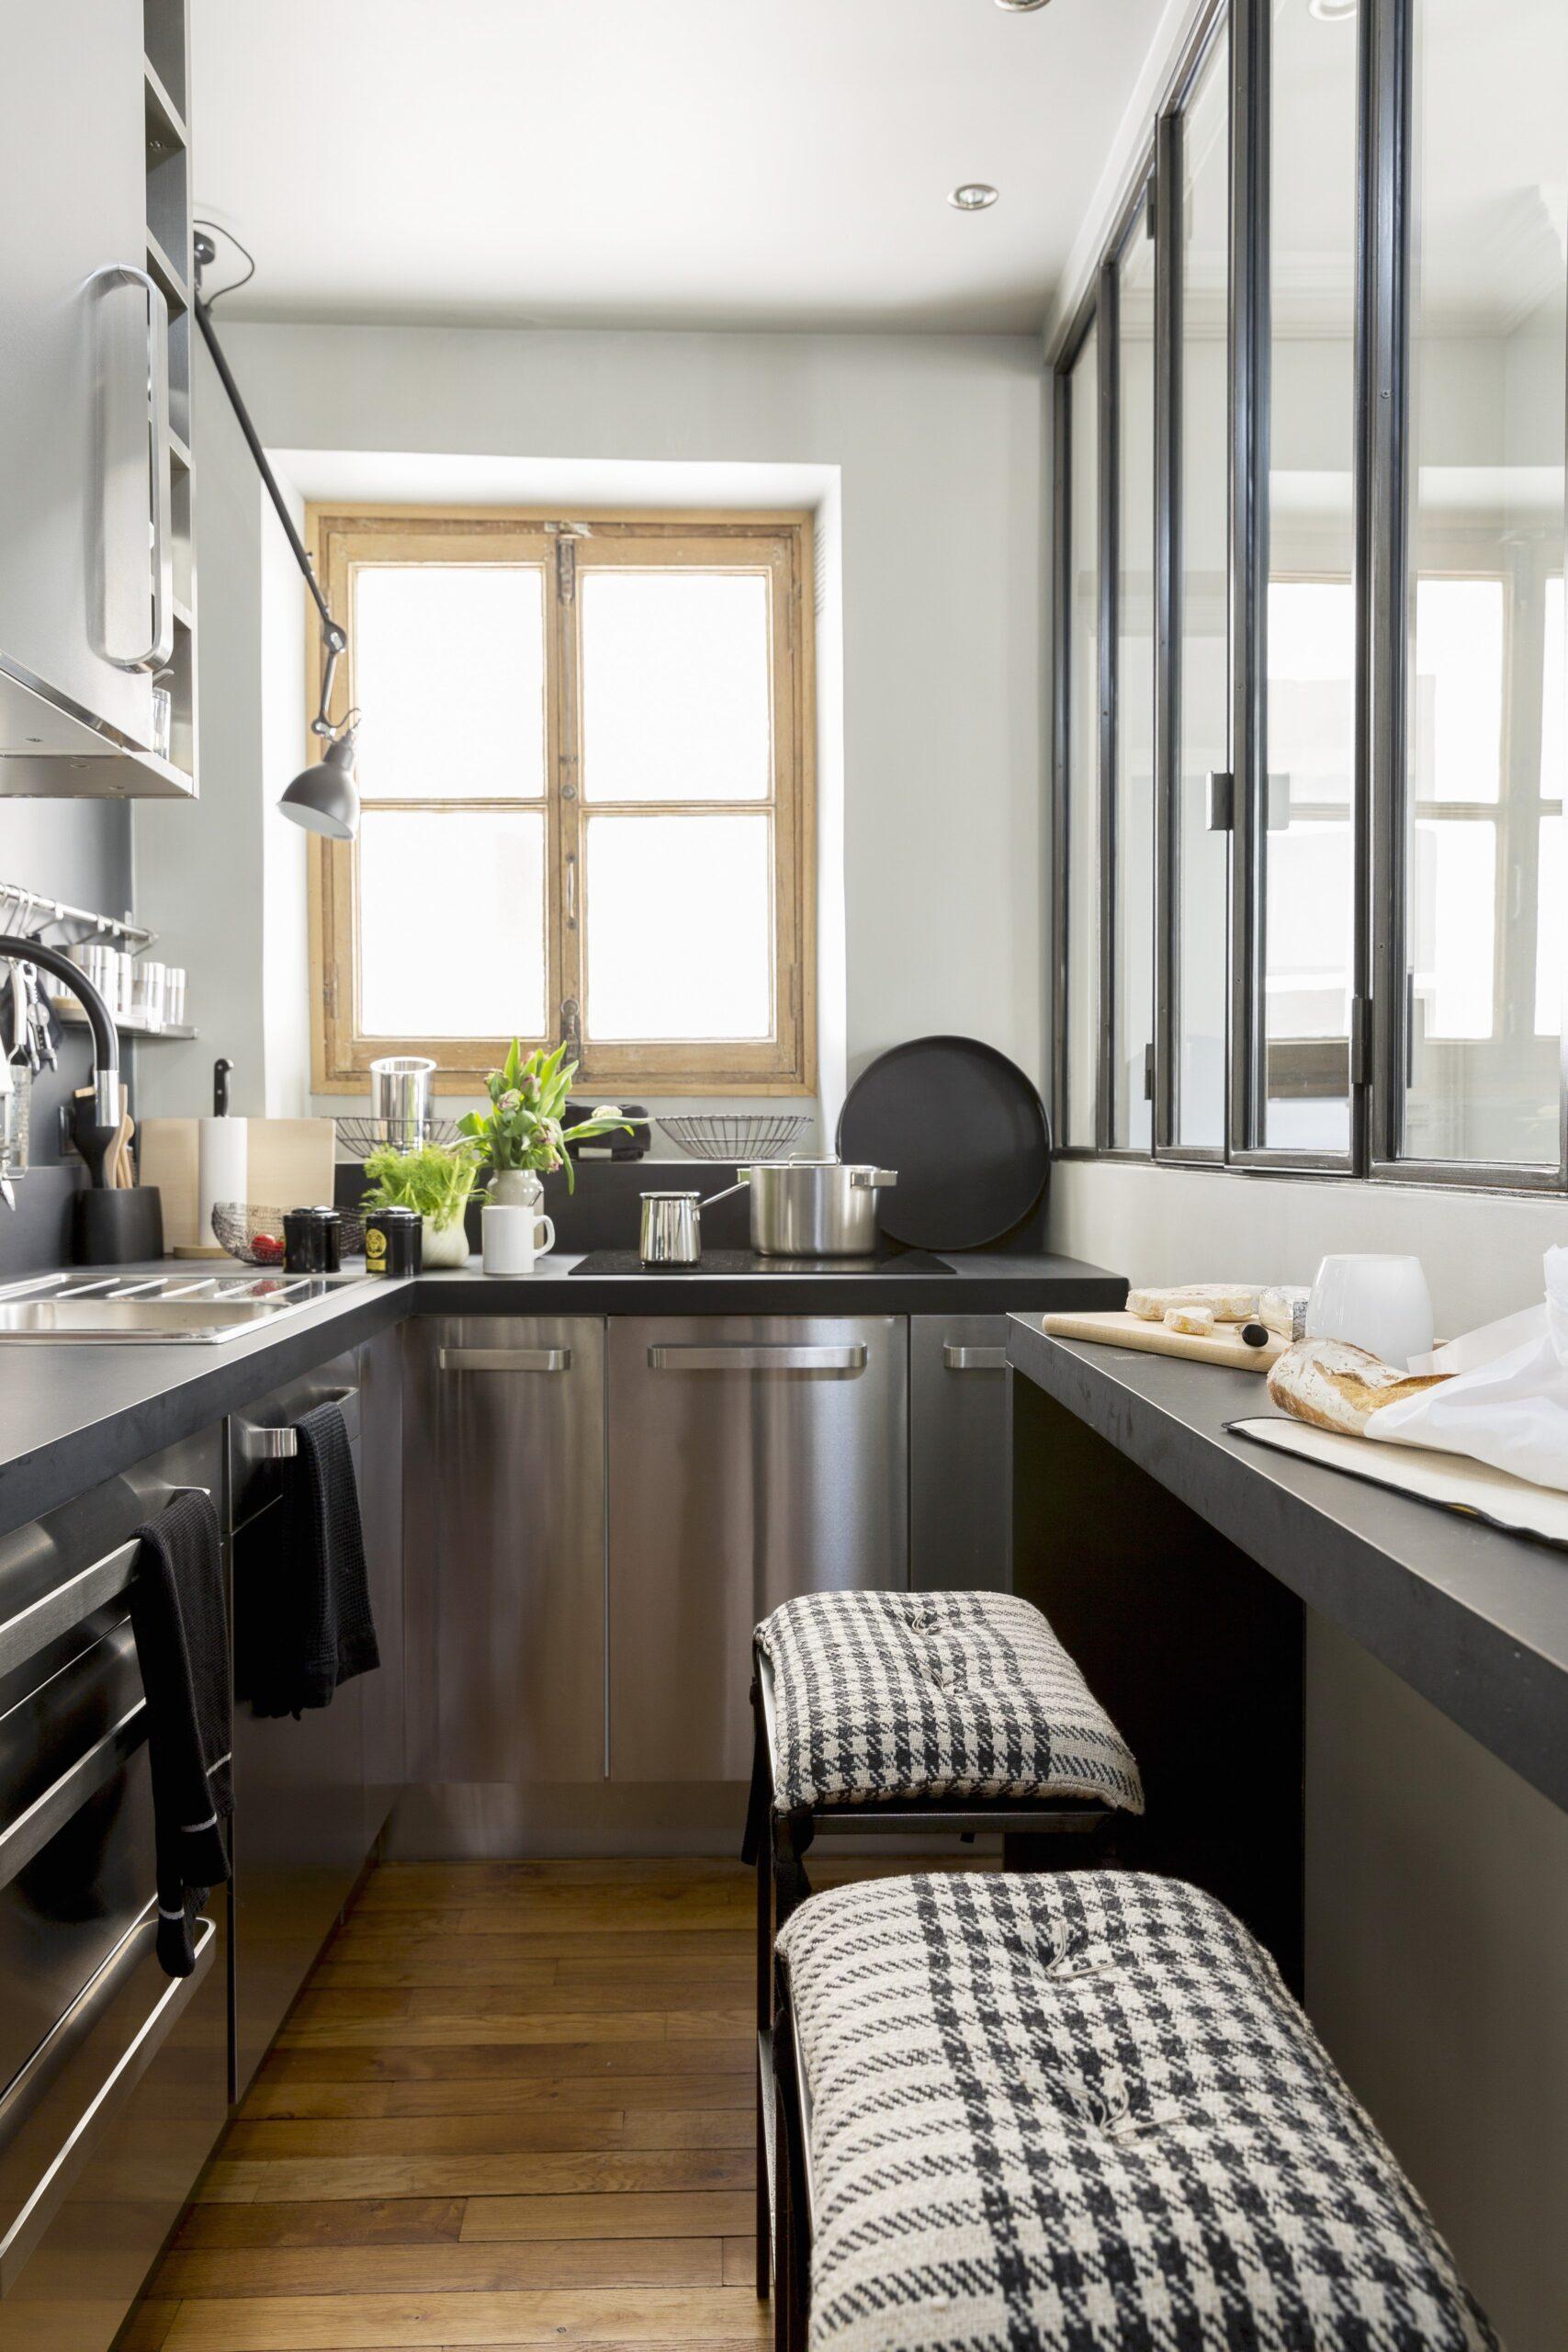 Full Size of Küche Kleiner Raum Kleine Kche Einrichten Ideen Fr Mehr Platz Das Haus Bodenbelag Finanzieren Stehhilfe Was Kostet Eine Amerikanische Kaufen Griffe Wohnzimmer Küche Kleiner Raum